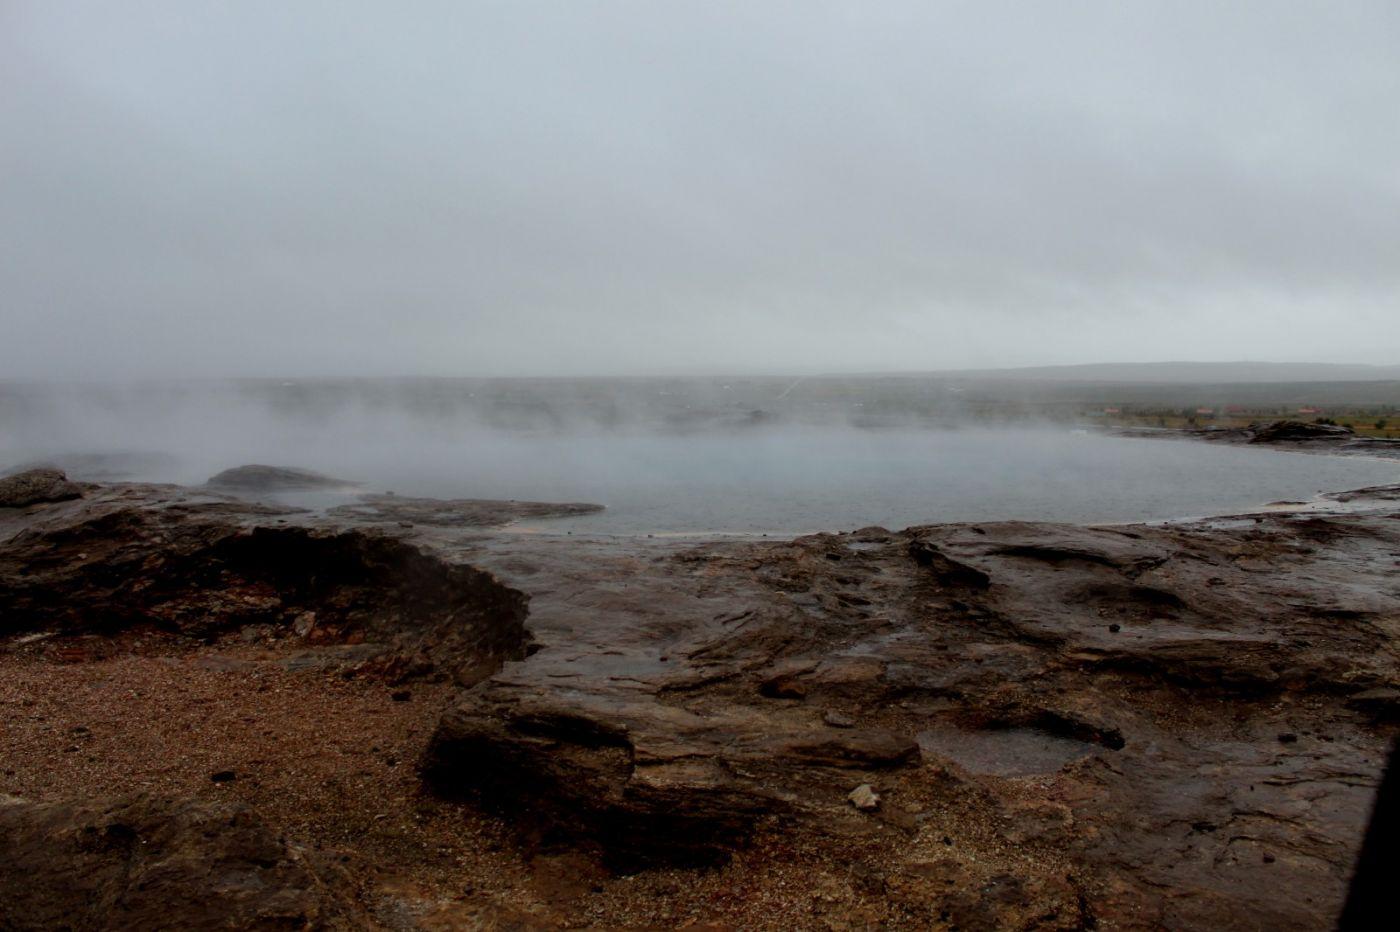 冰岛黄金圈一日游_图1-28